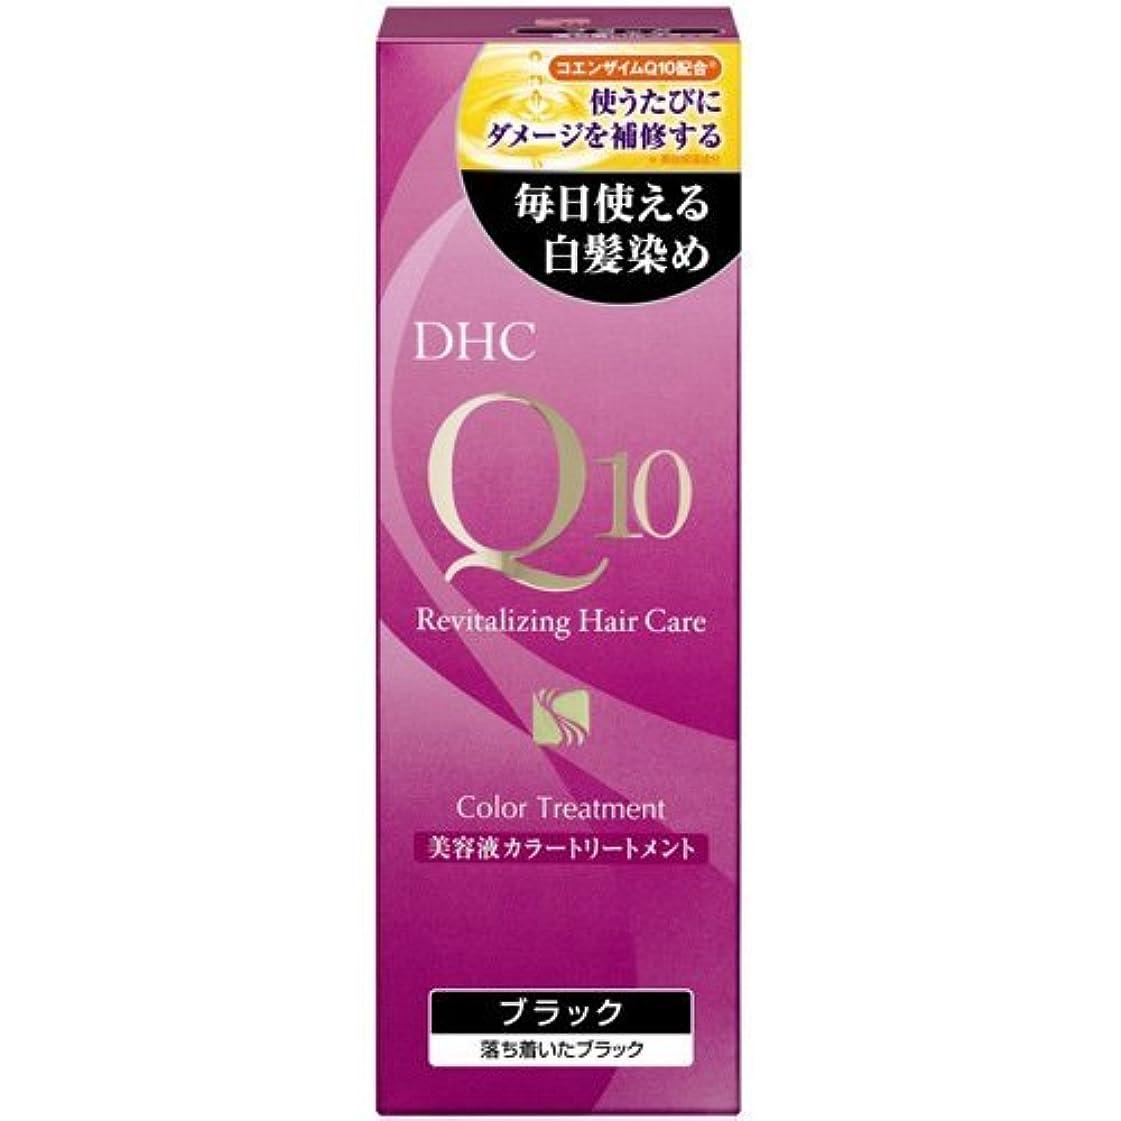 【まとめ買い】DHC Q10美溶液カラートリートメントブラックSS170g ×8個